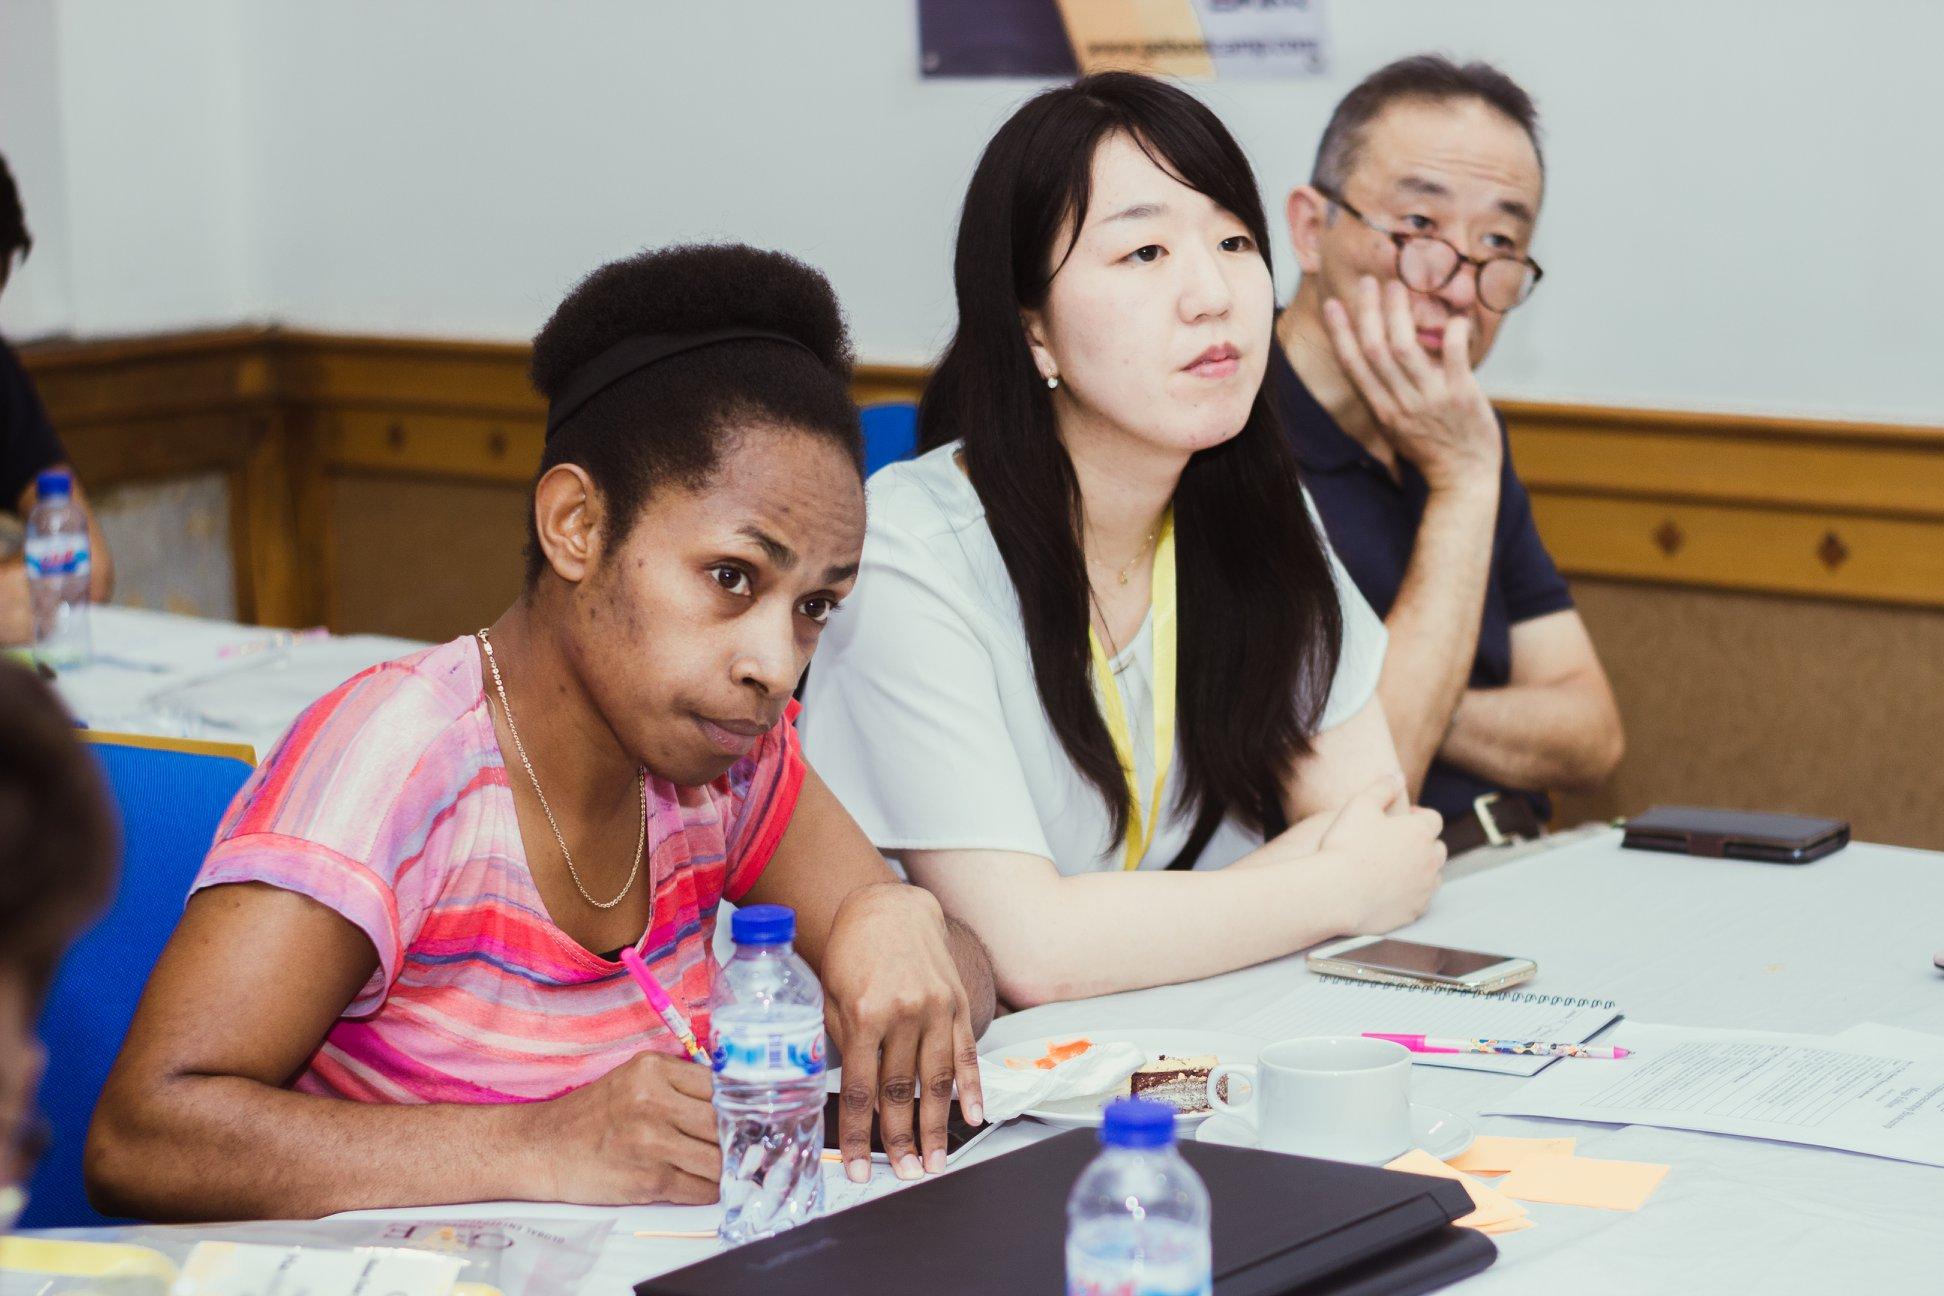 जीईबीको तेस्रो सम्मेलन जकार्तामा सम्पन्न, युवाको आधुनिक सोचलाई व्यावसायिक मोडलमा रुपान्तरणको प्रयास